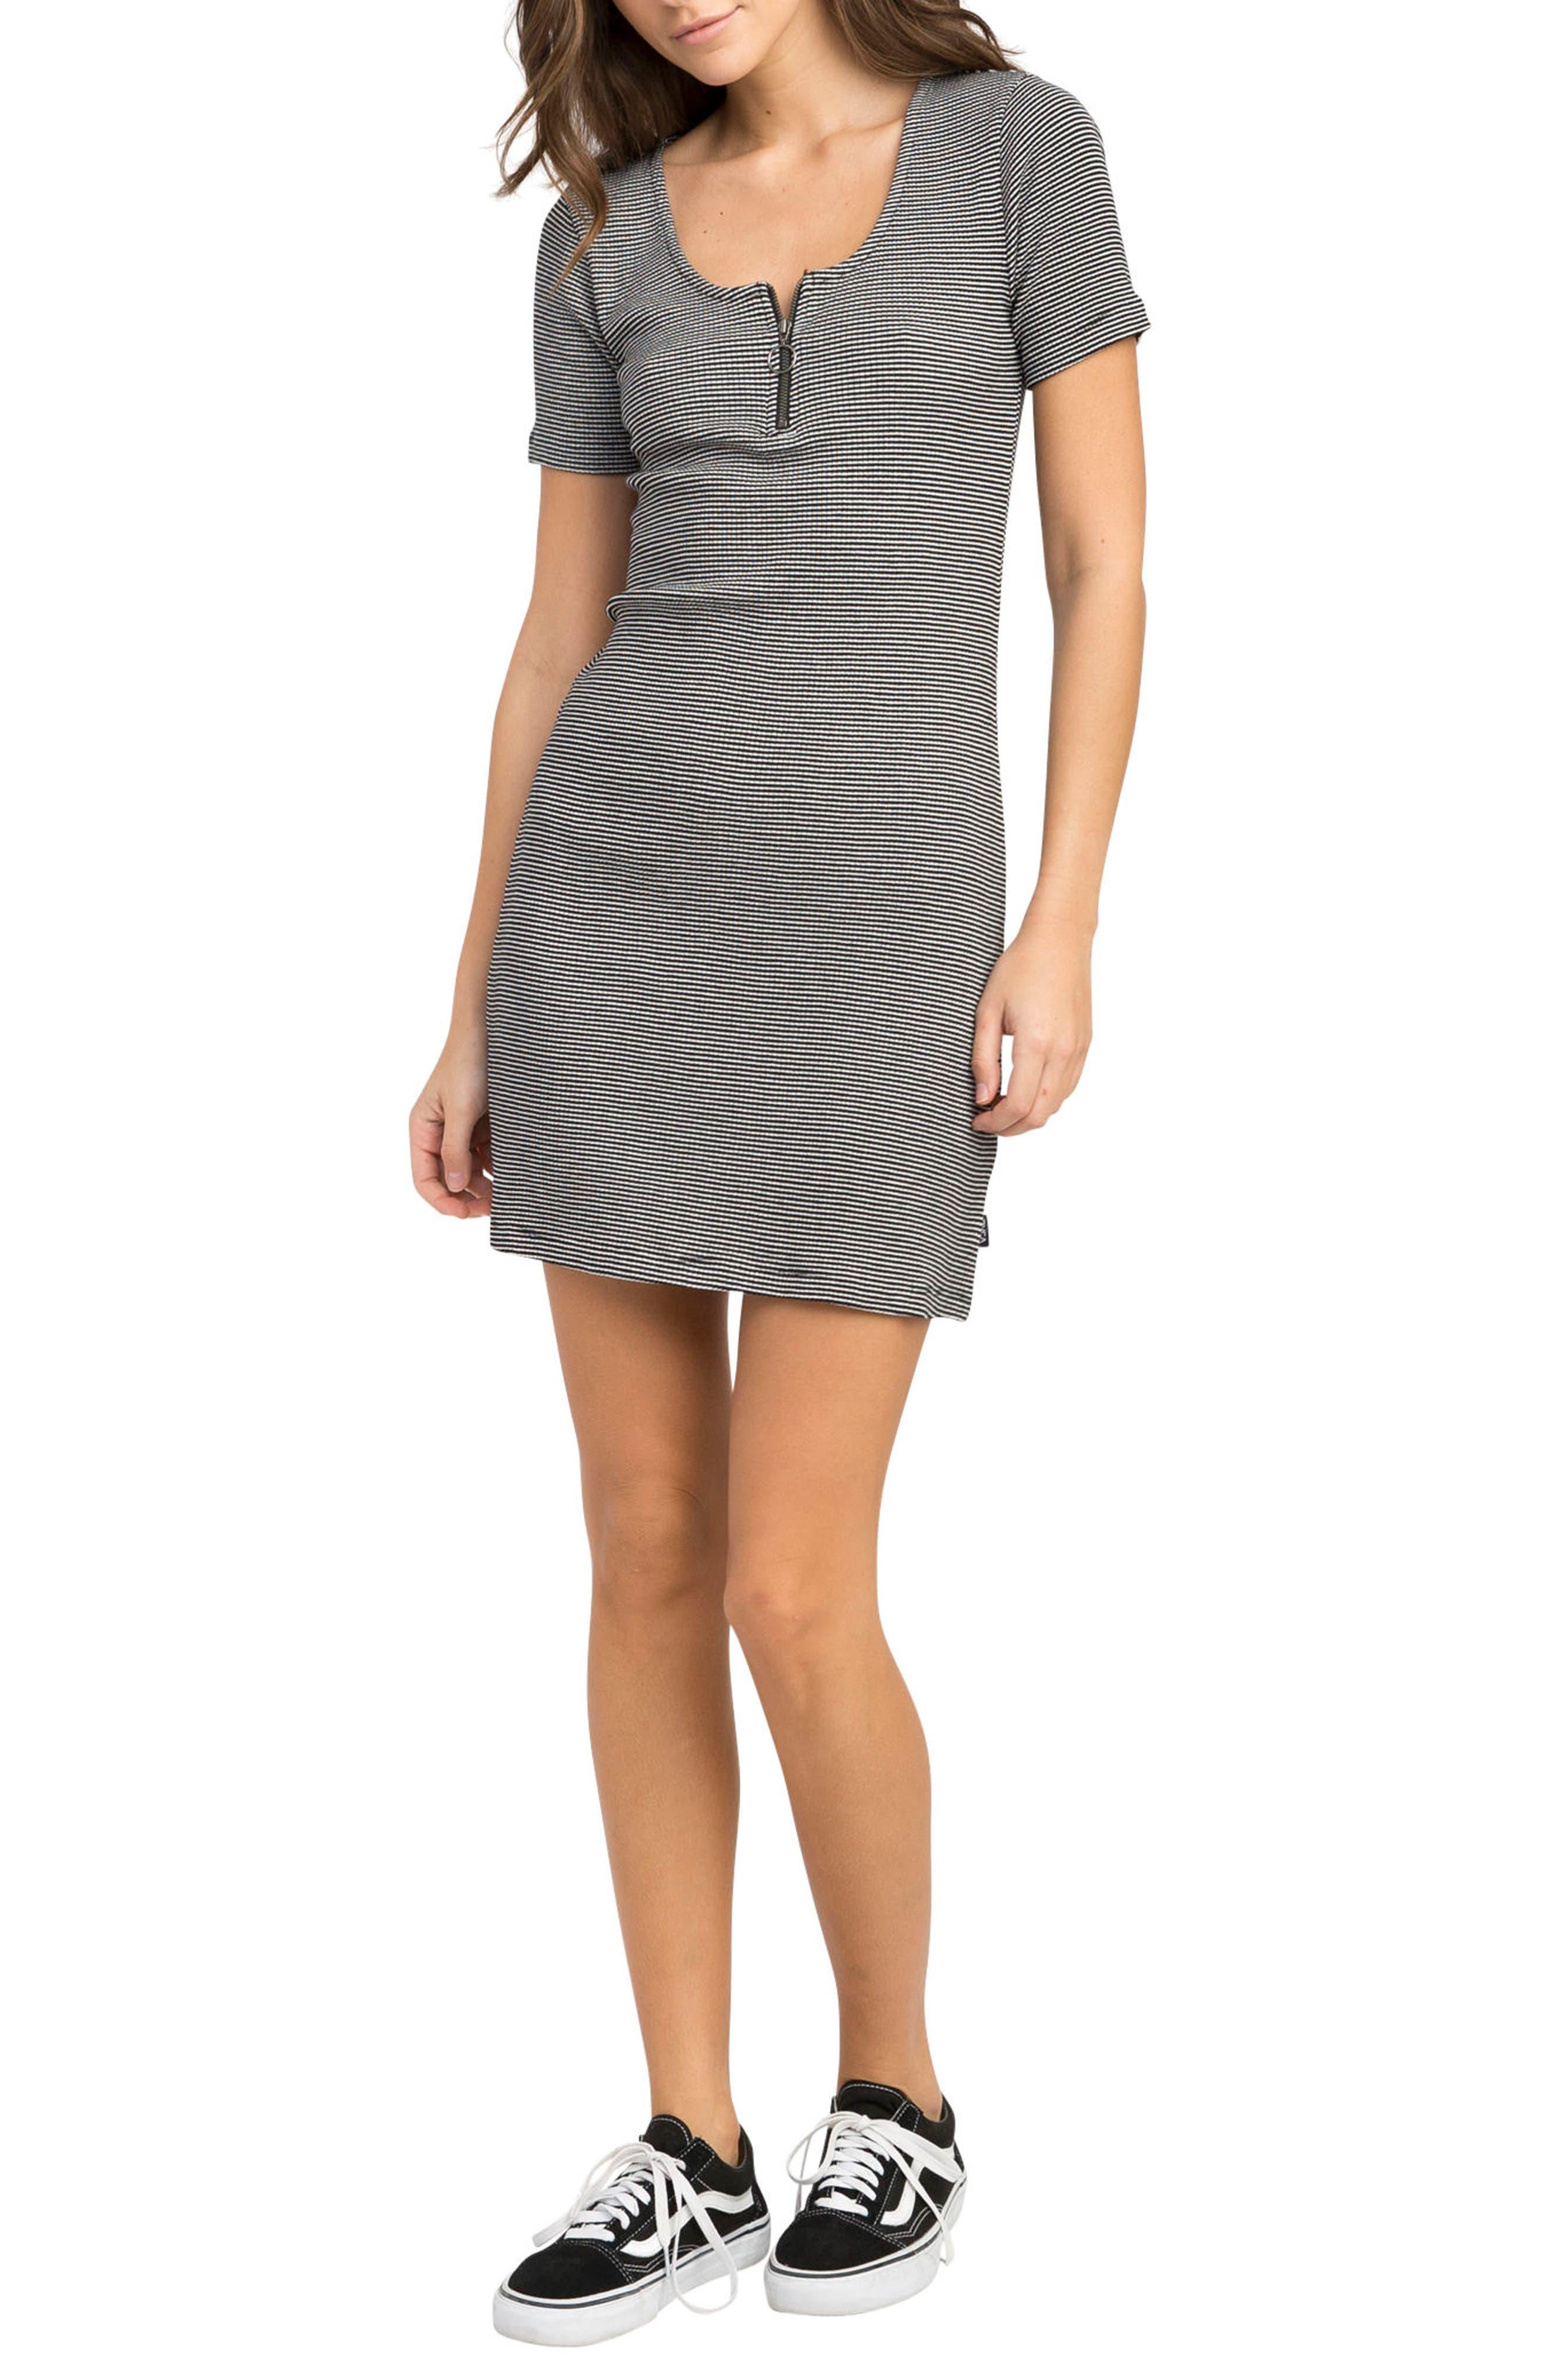 RVCA Zip It Striped Dress